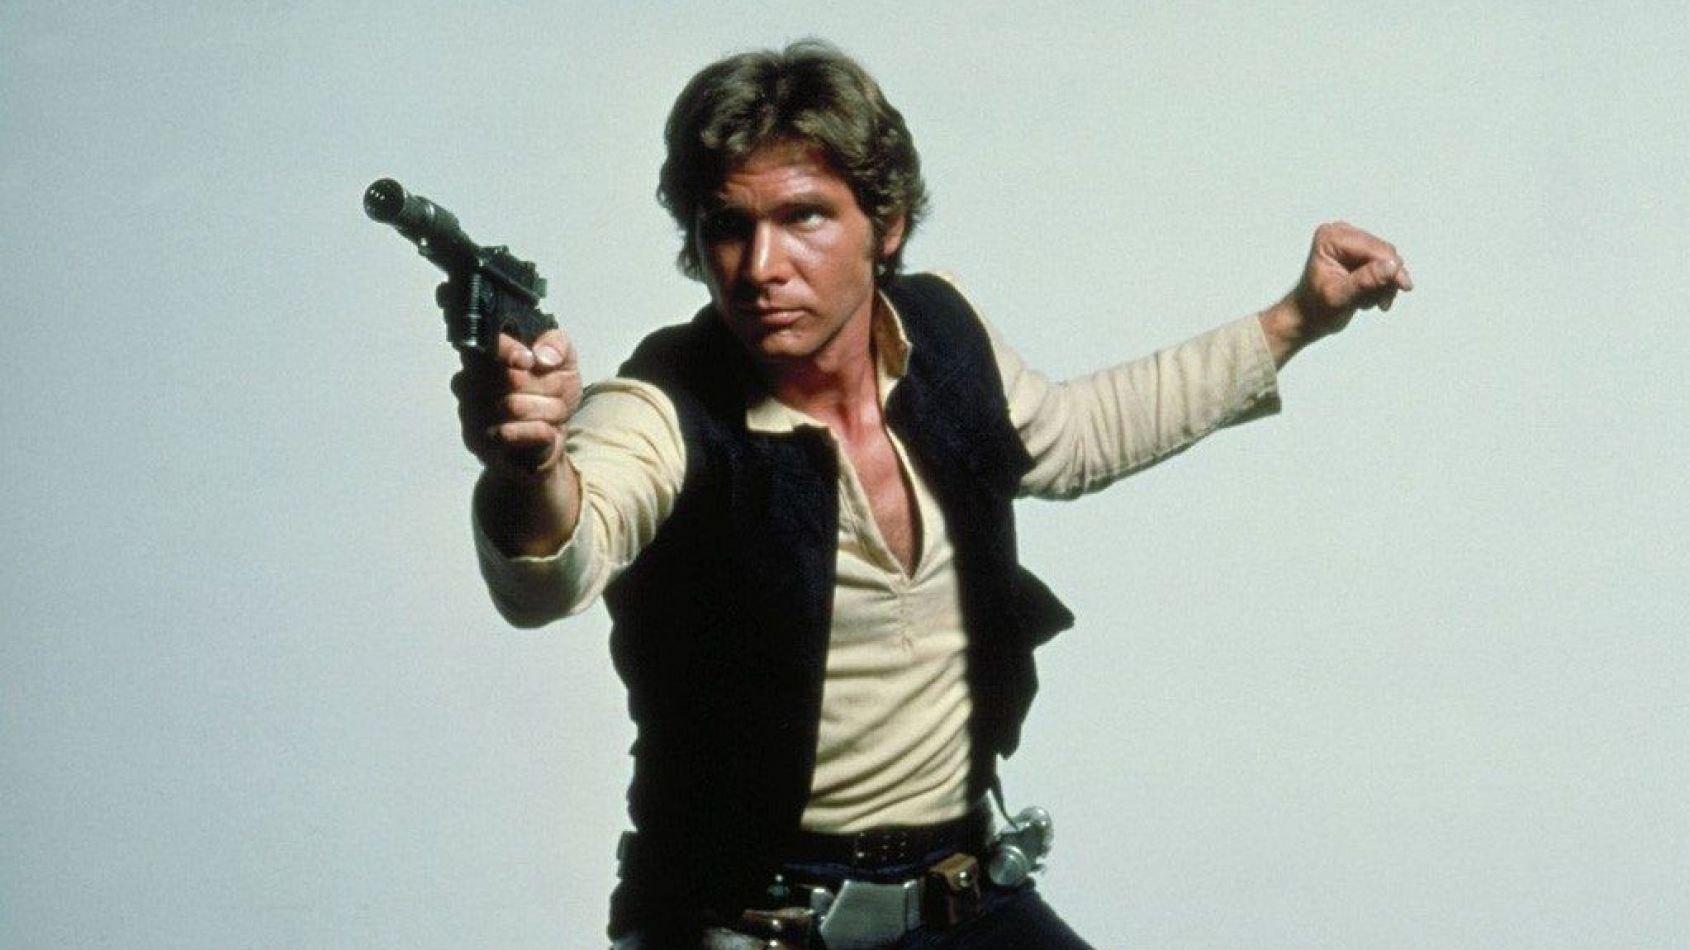 Le Spin off sur Han Solo se déroulera sur six ans !